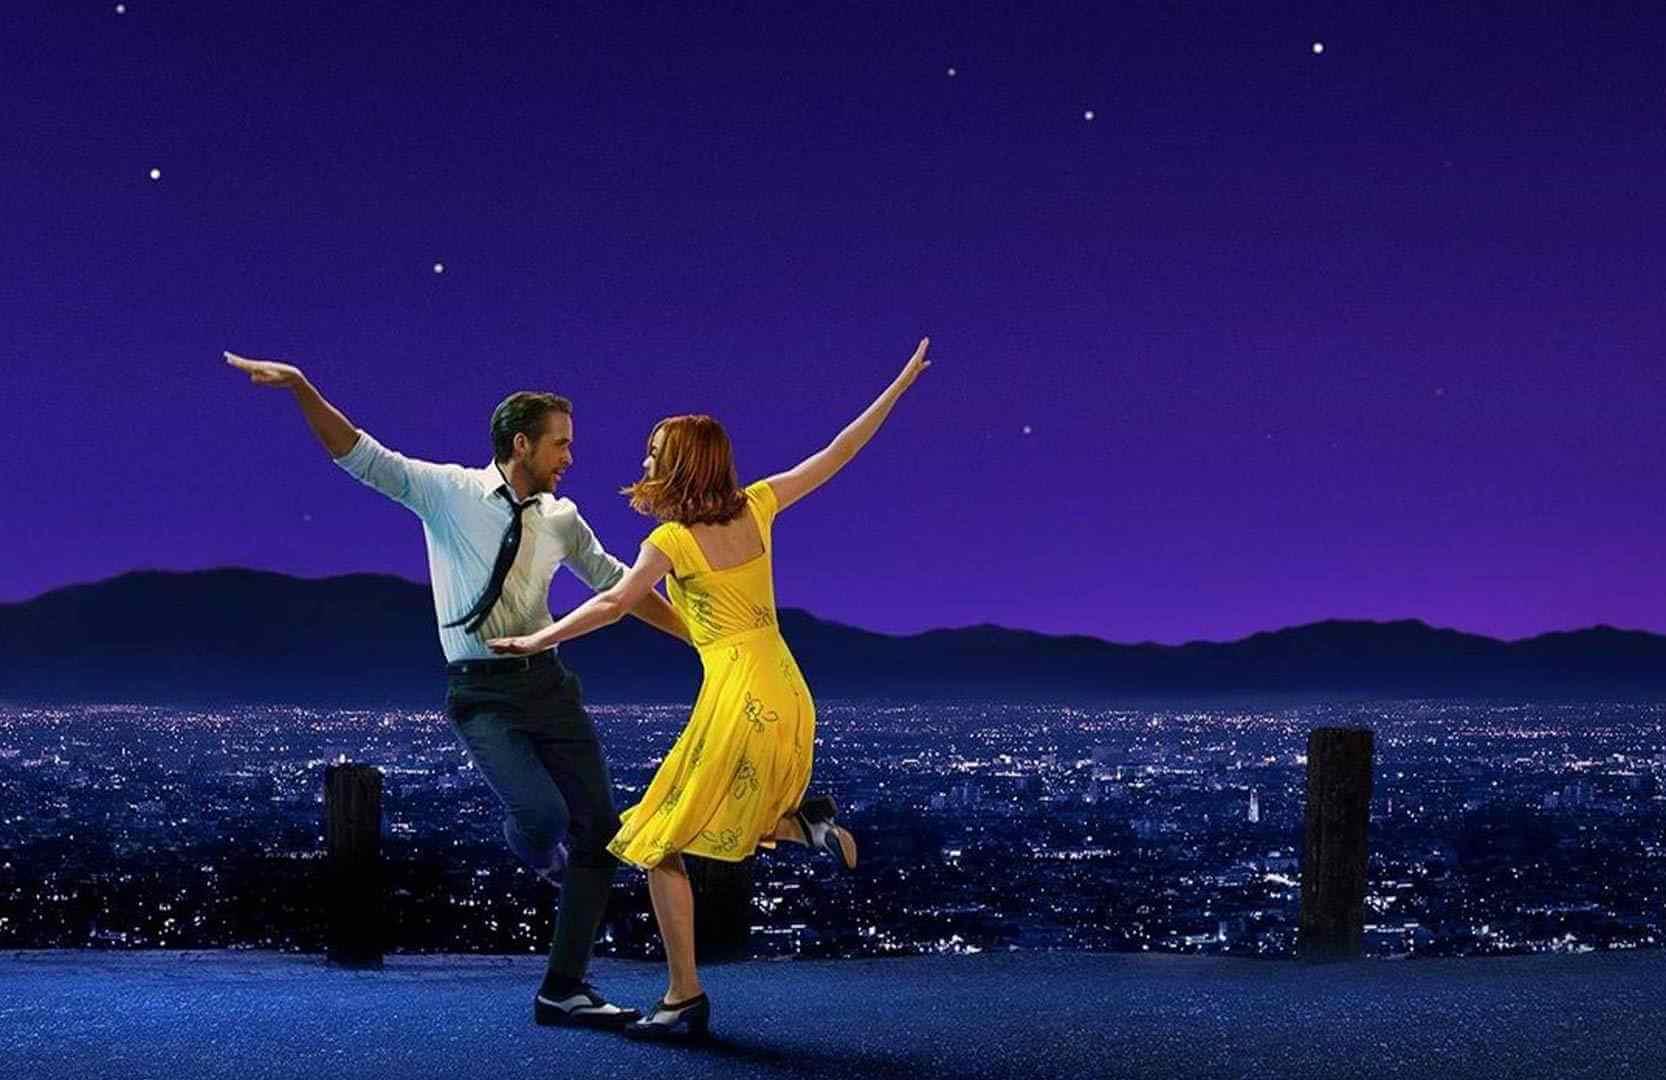 en-iyi-muzikal-filmler-1558532442.jpg